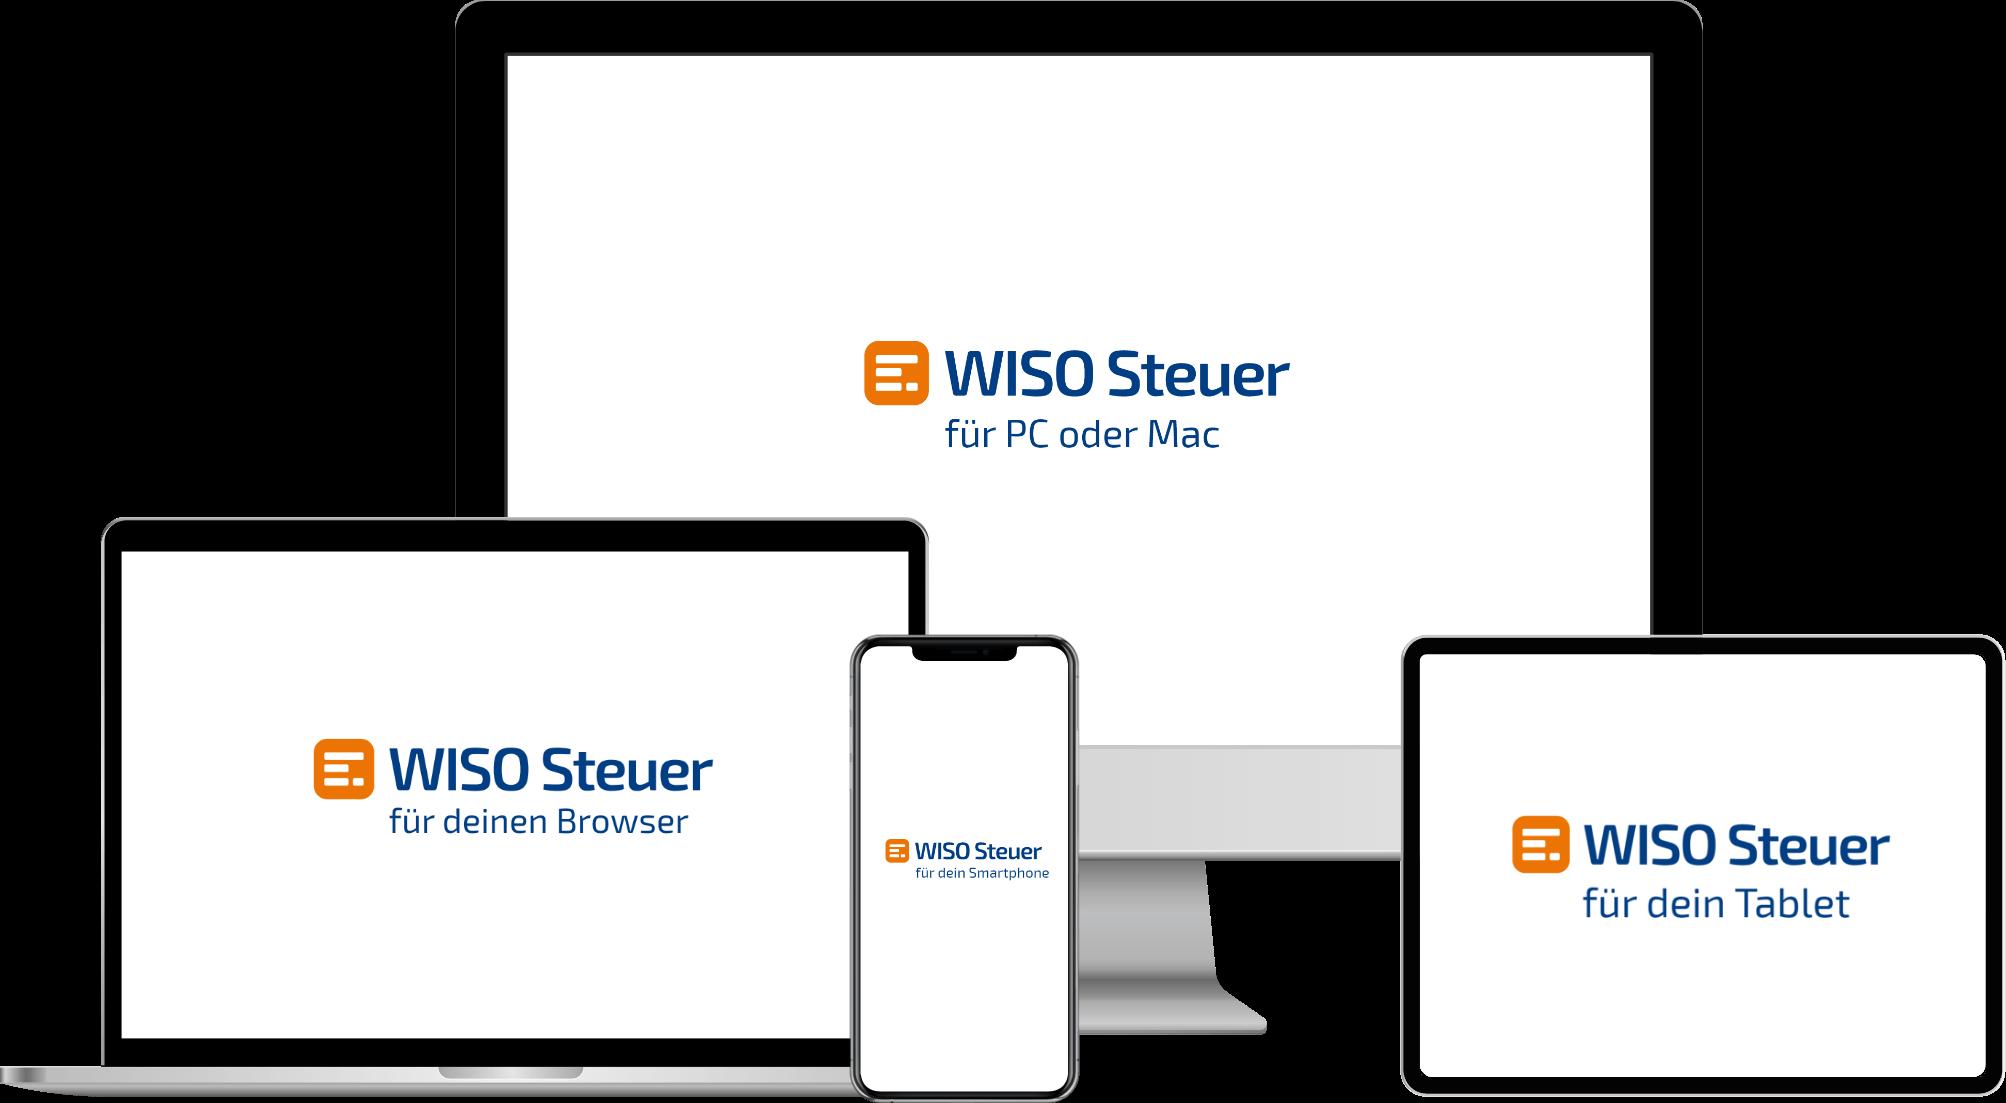 WISO Steuer Versionen